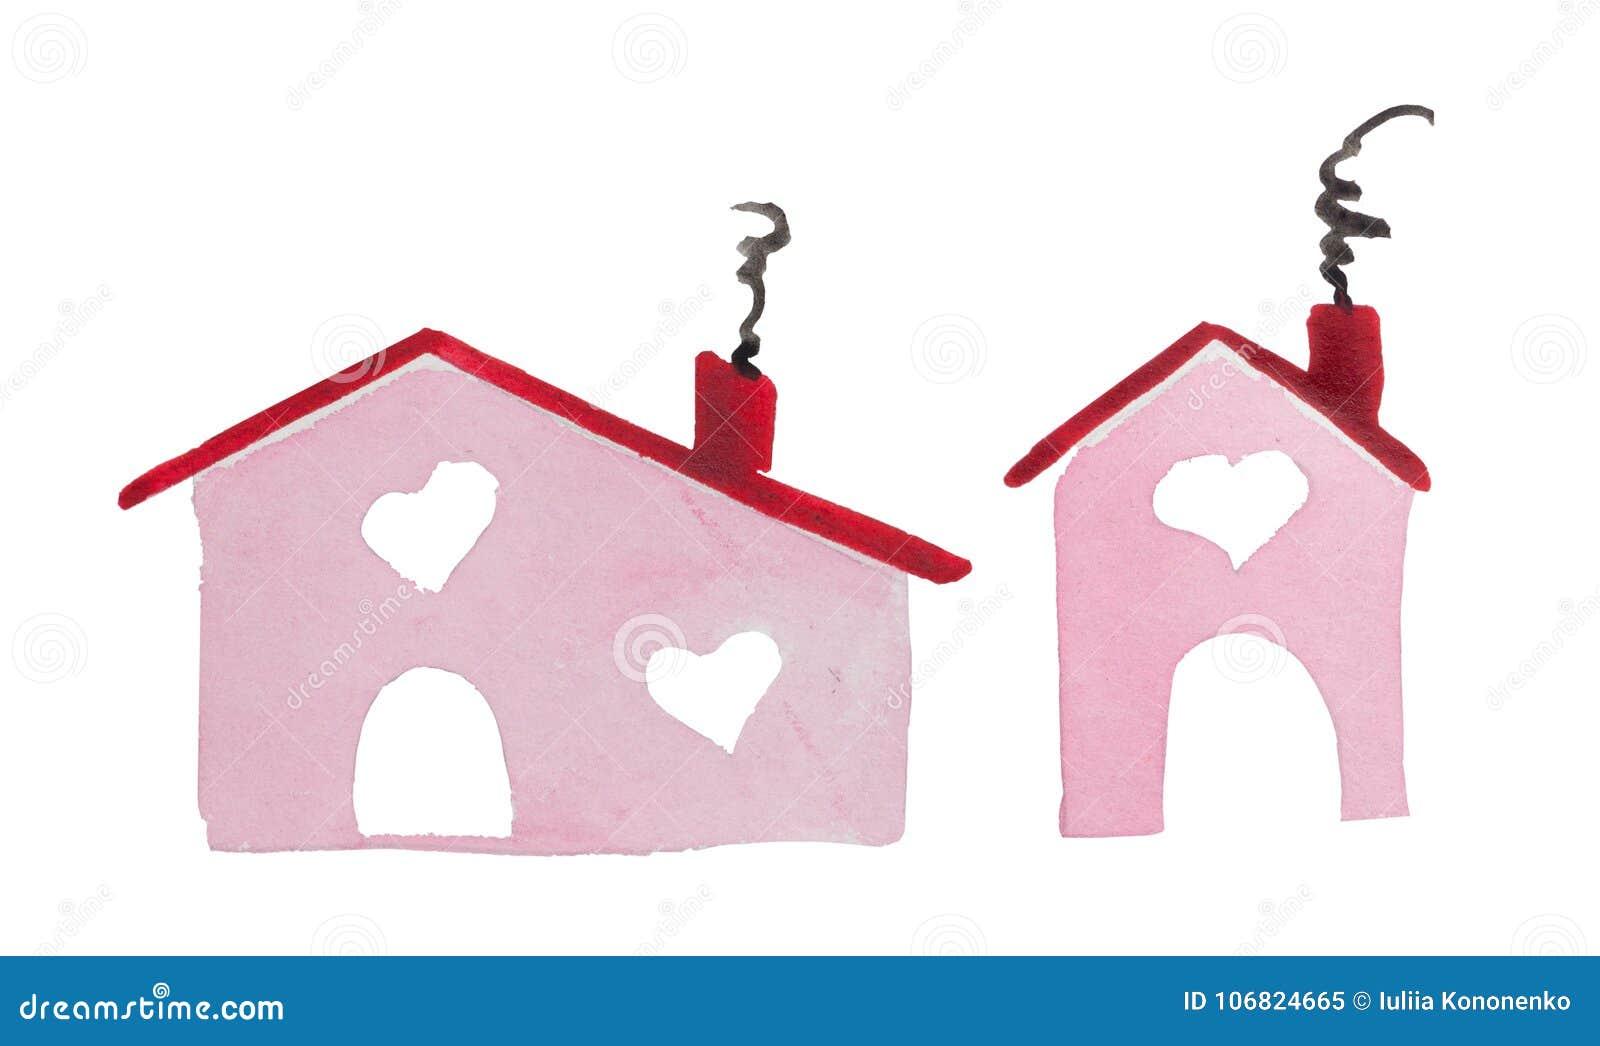 Aquarell-St.-Valentinsgruß ` s Tag-` Haus von Liebe ` der Platz, in dem Ihre Liebe ist